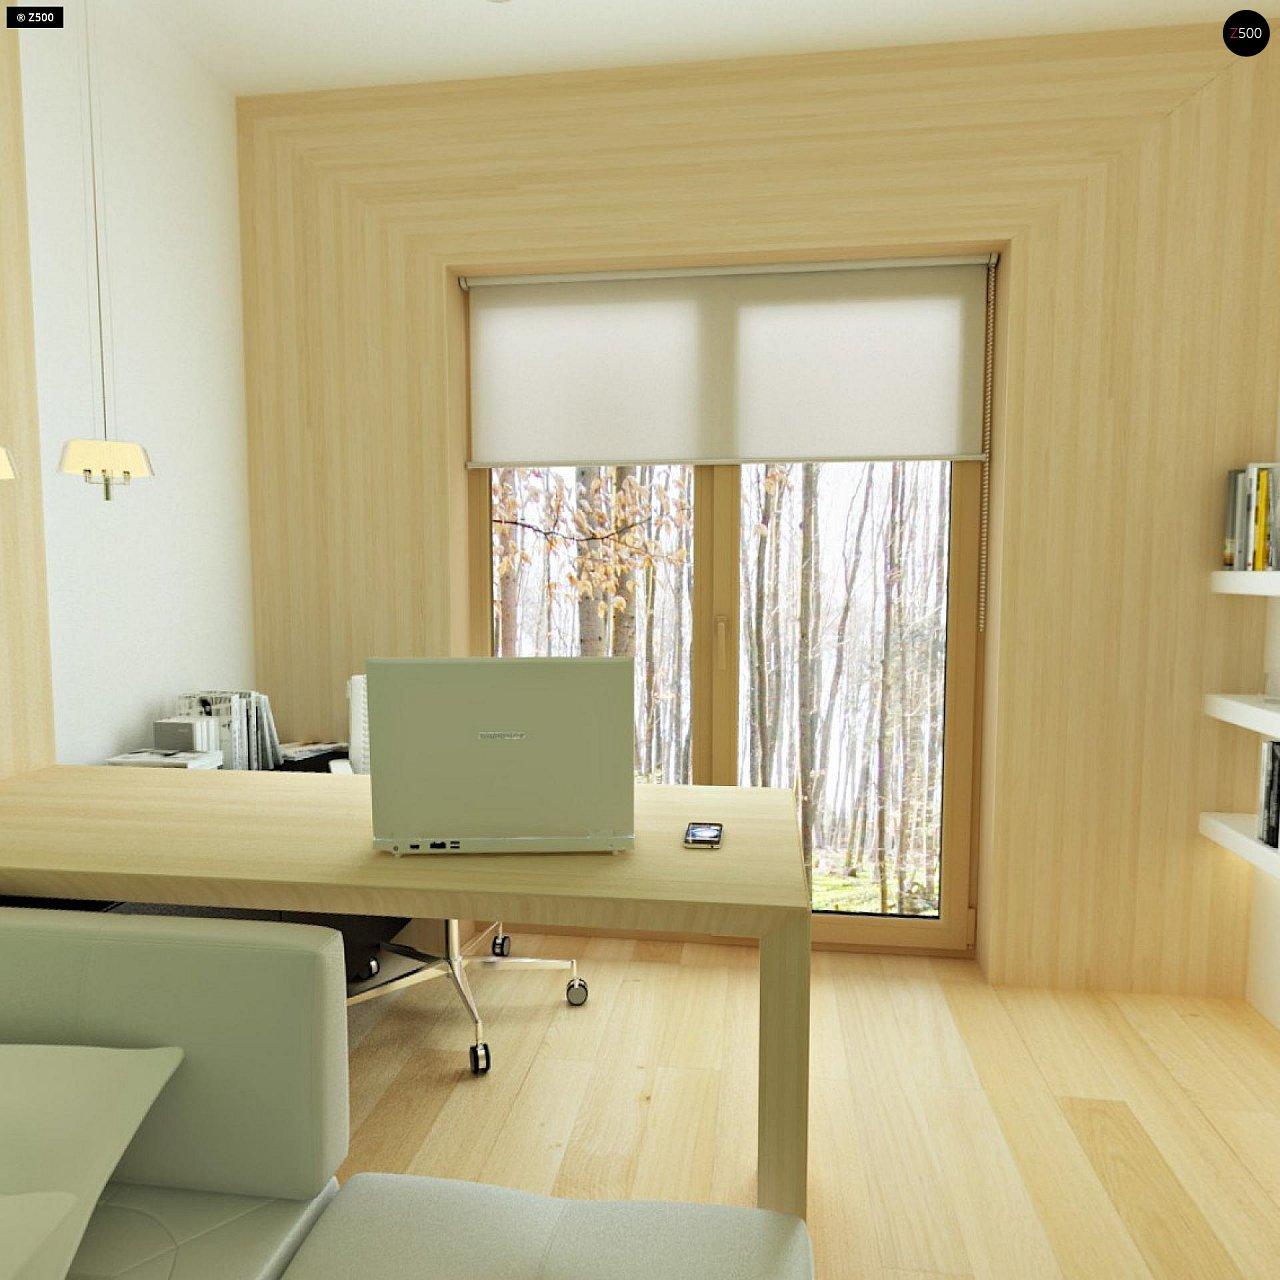 Двухэтажный дом, сочетающий традиционные формы и современный дизайн, с тремя спальнями и гаражом. 12